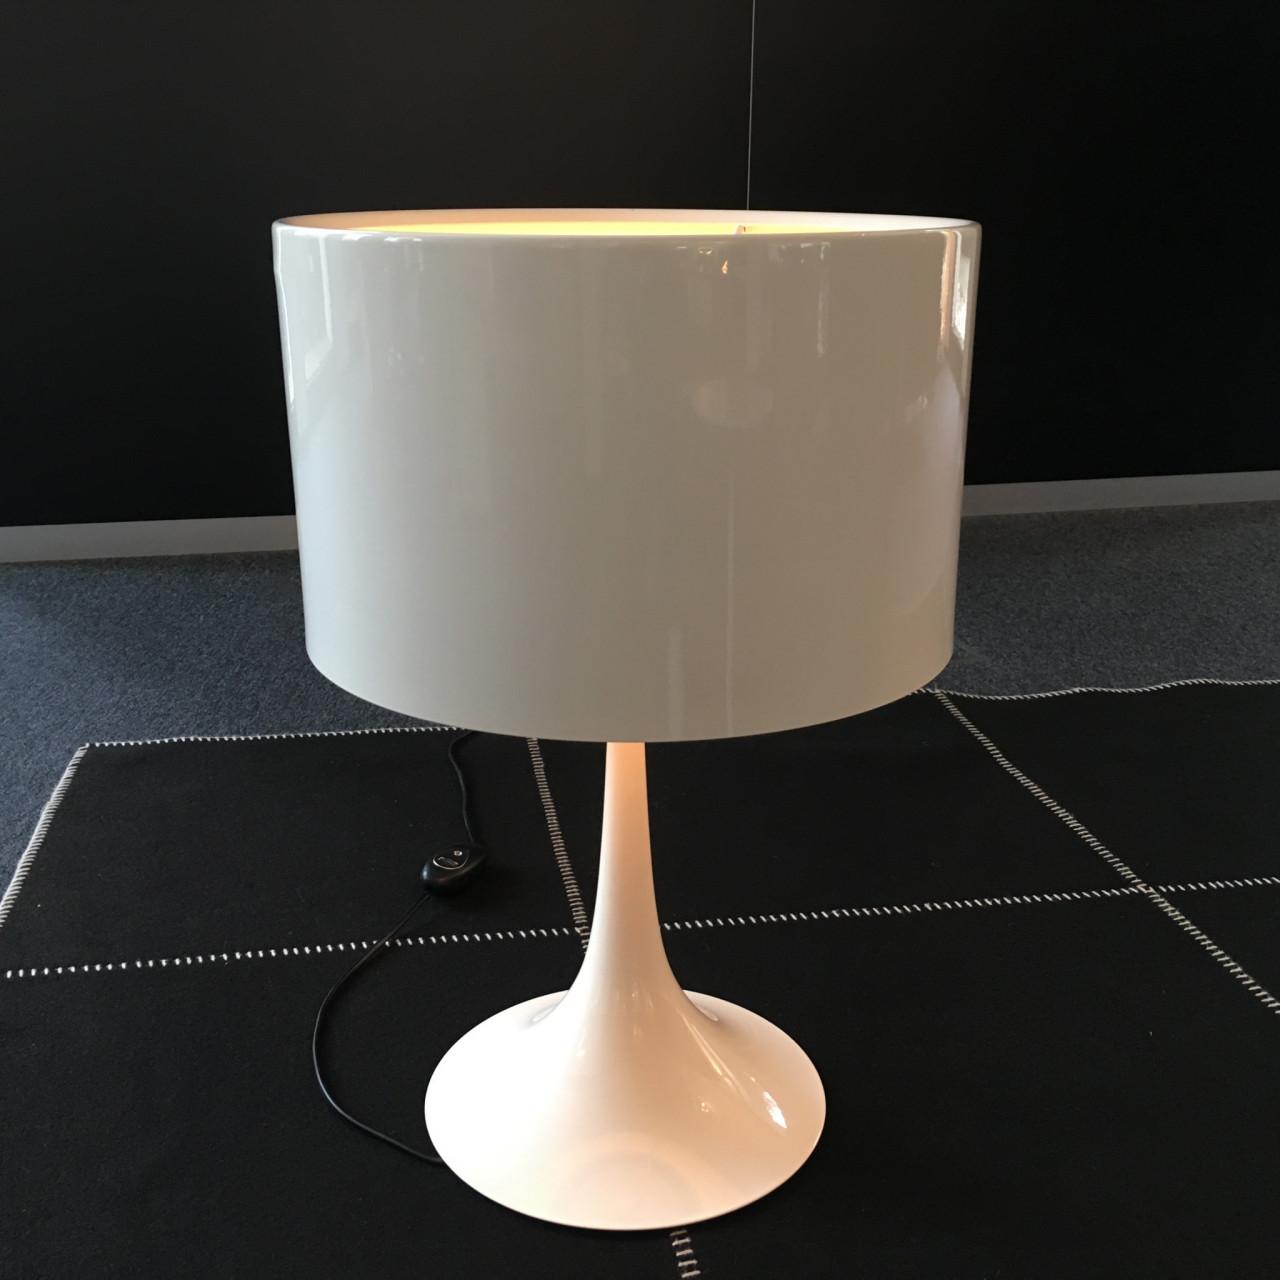 Hersteller: Flos; Modell Spun Light T 1; Farbe: weiß   Designermöbel Münster